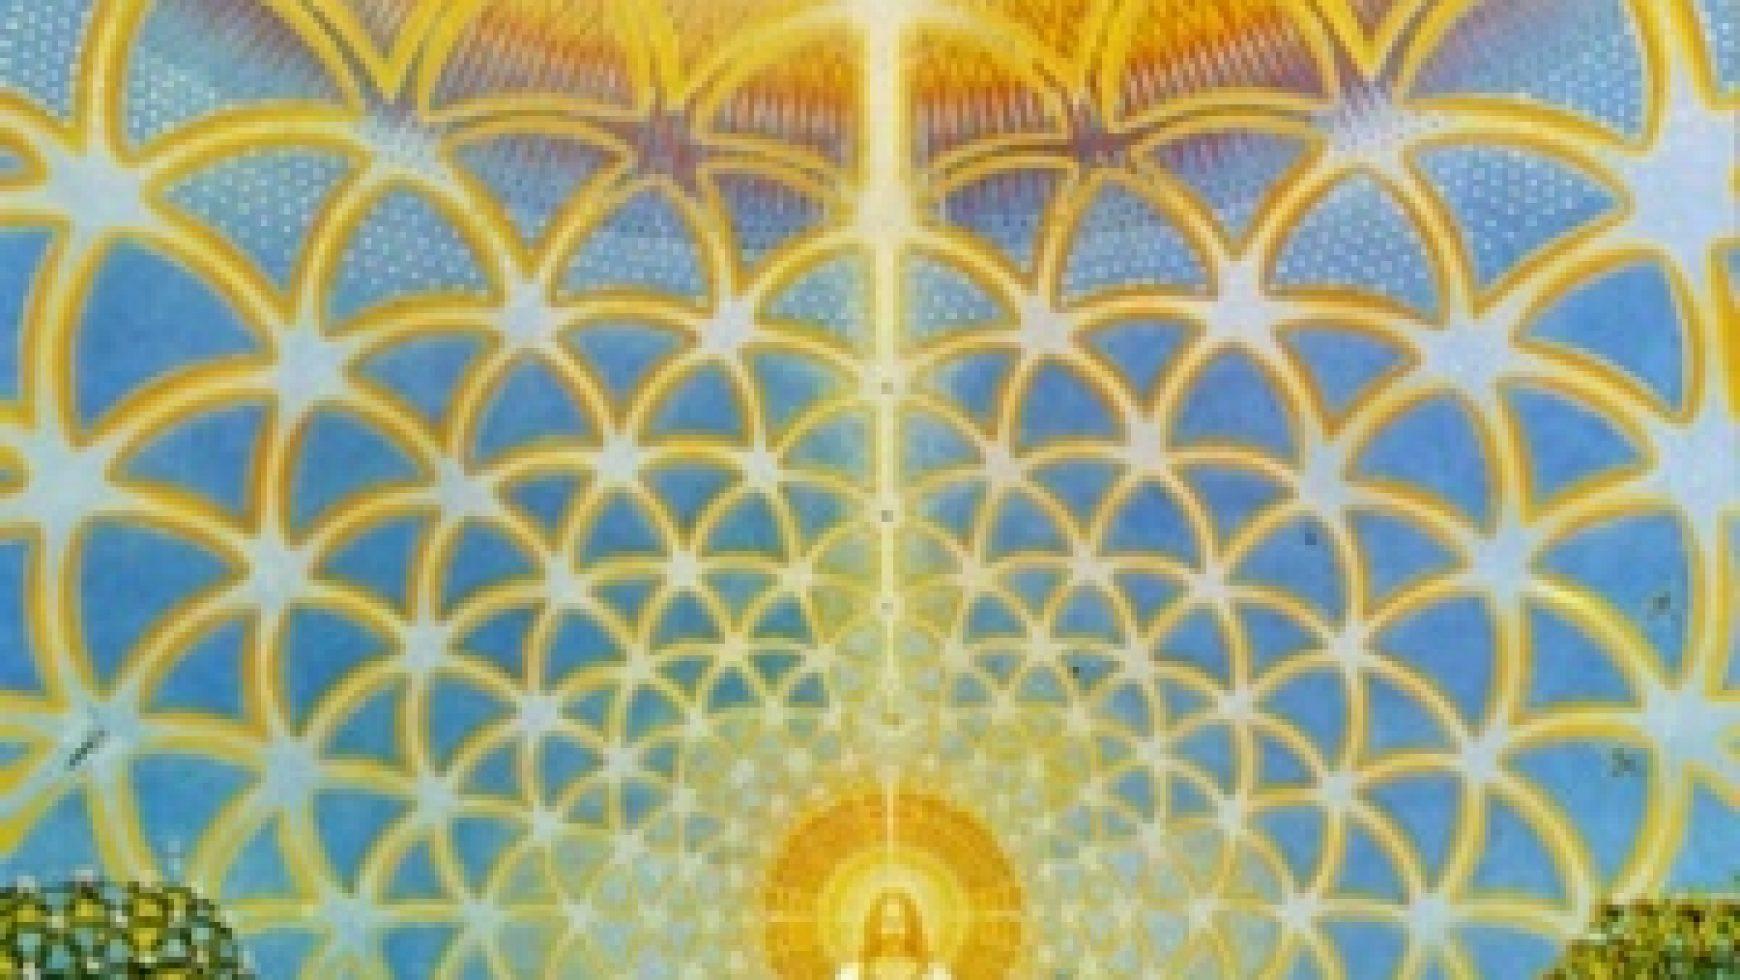 De twaalf volkeren van de zonnewijzer